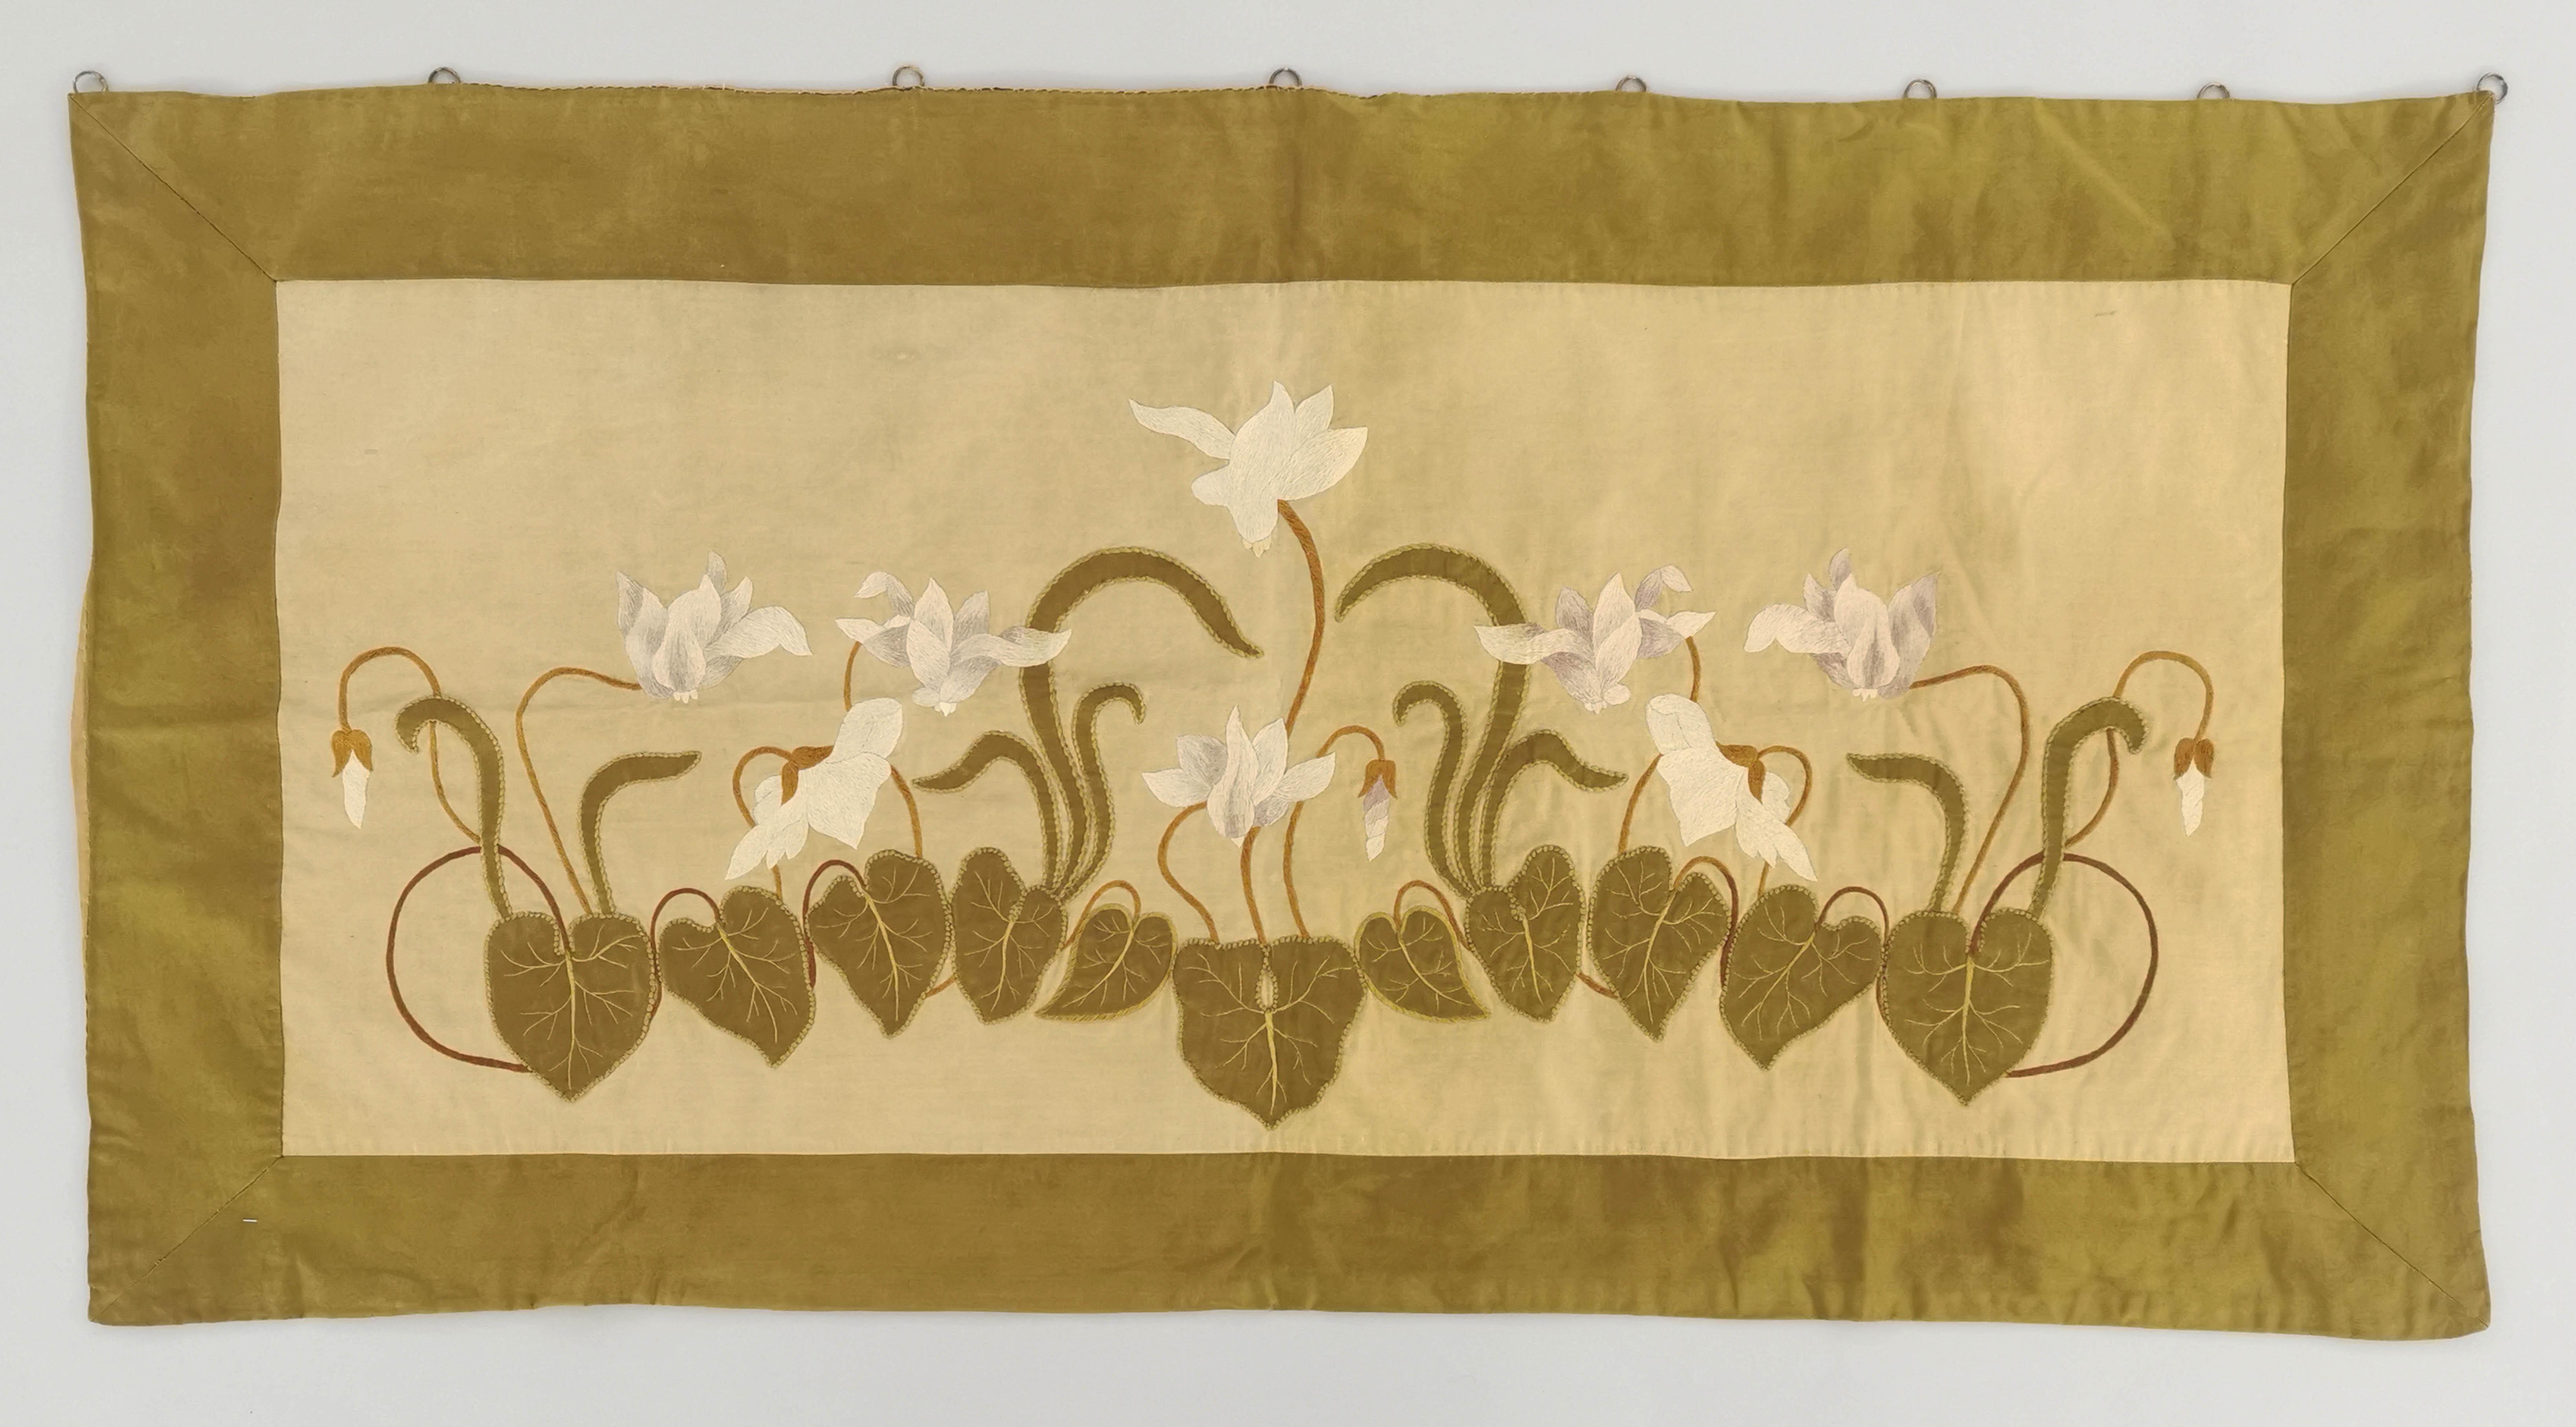 Tkanina dekoracyjna w motywy roślinne